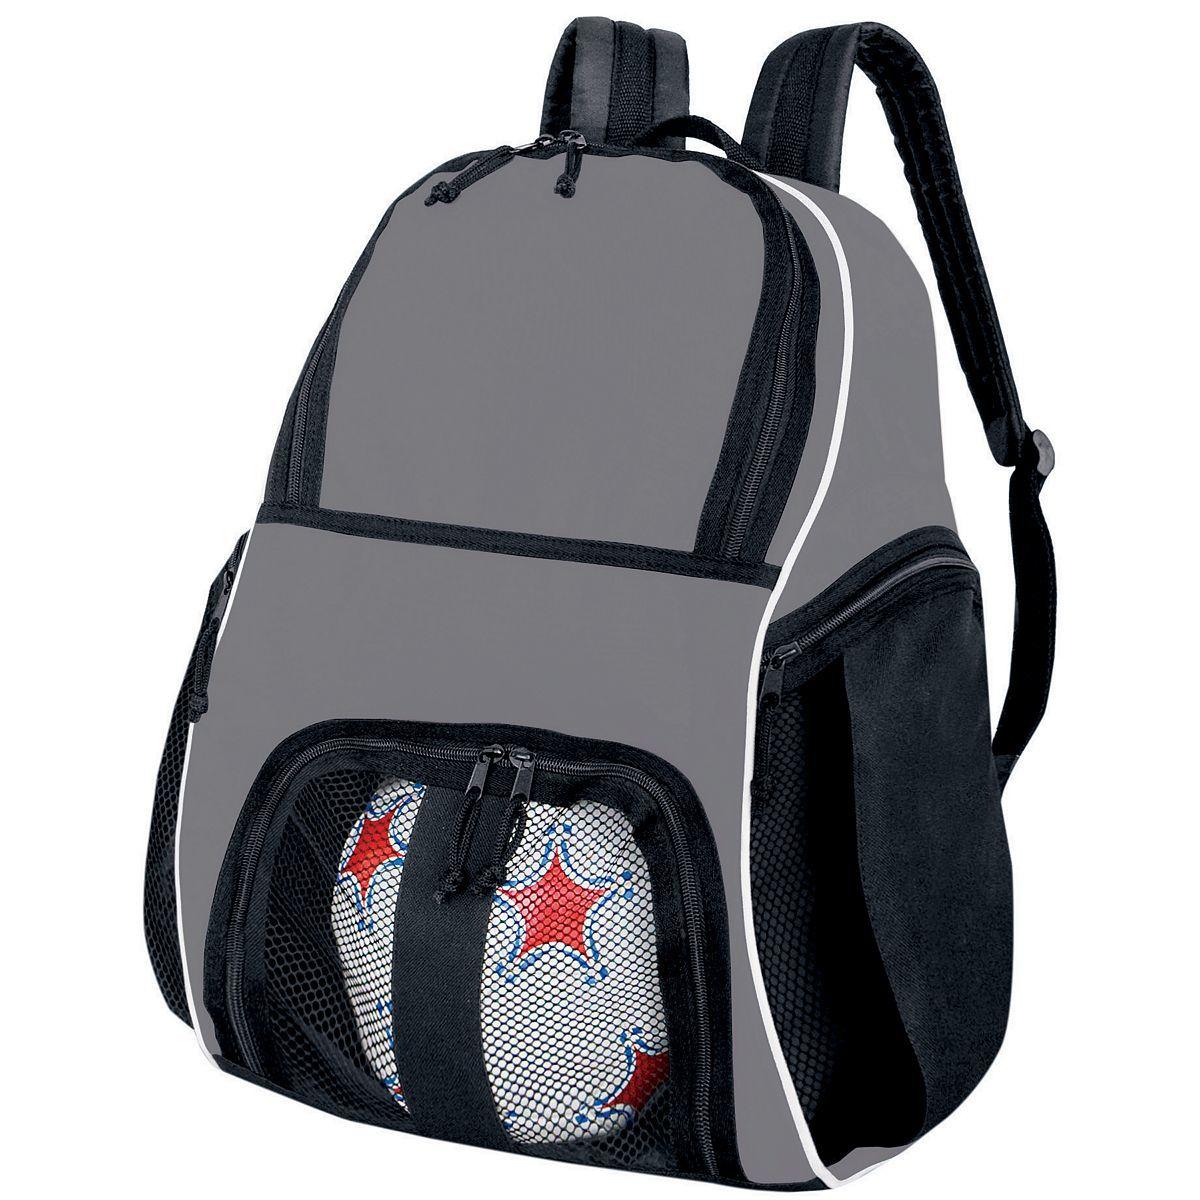 Backpack - GRAPHITE/BLACK/WHITE